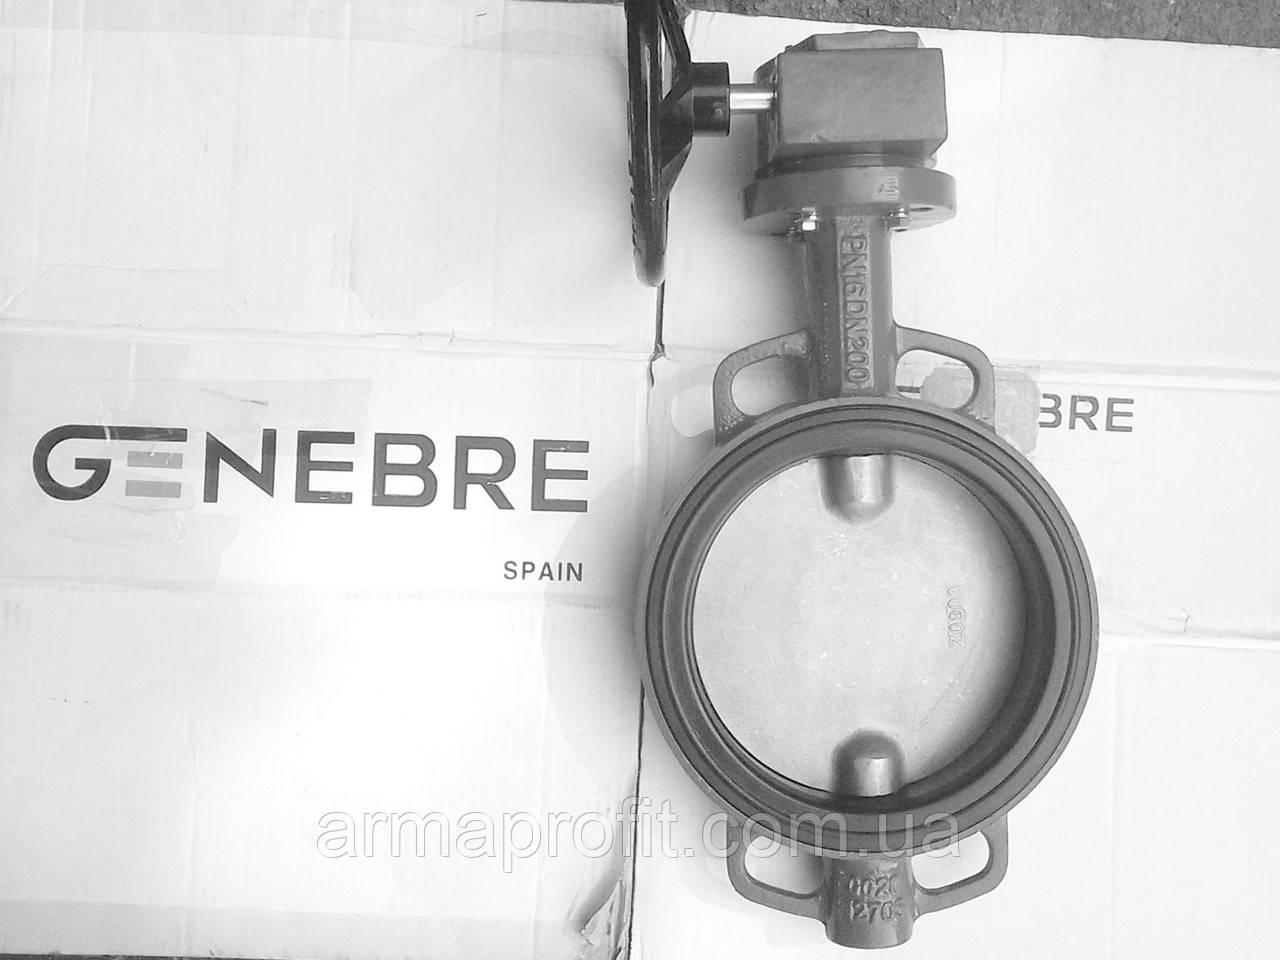 Затвор поворотный Баттерфляй GENEBRE тип 2109 Ду500 Ру10 диск нержавеющая сталь (с редуктором )